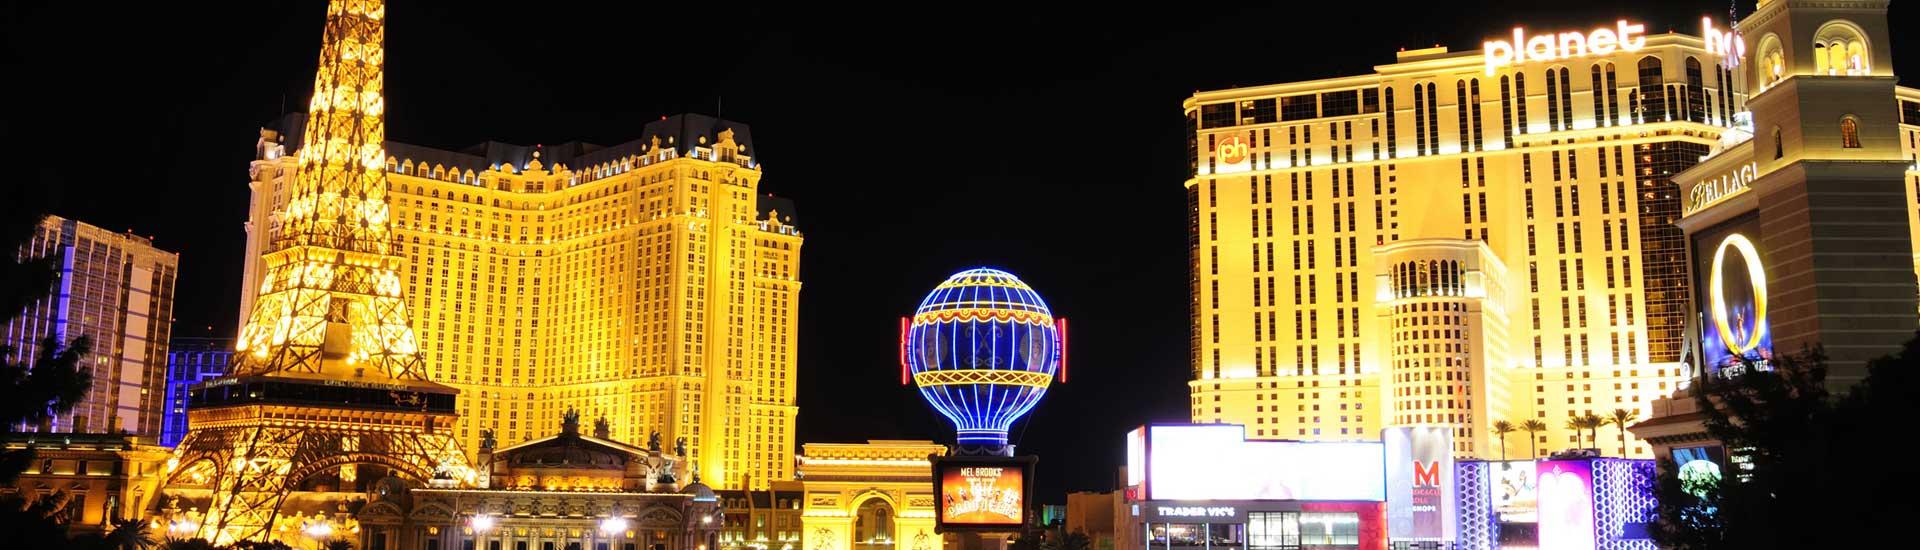 Alternatives to gambling in Las Vegas